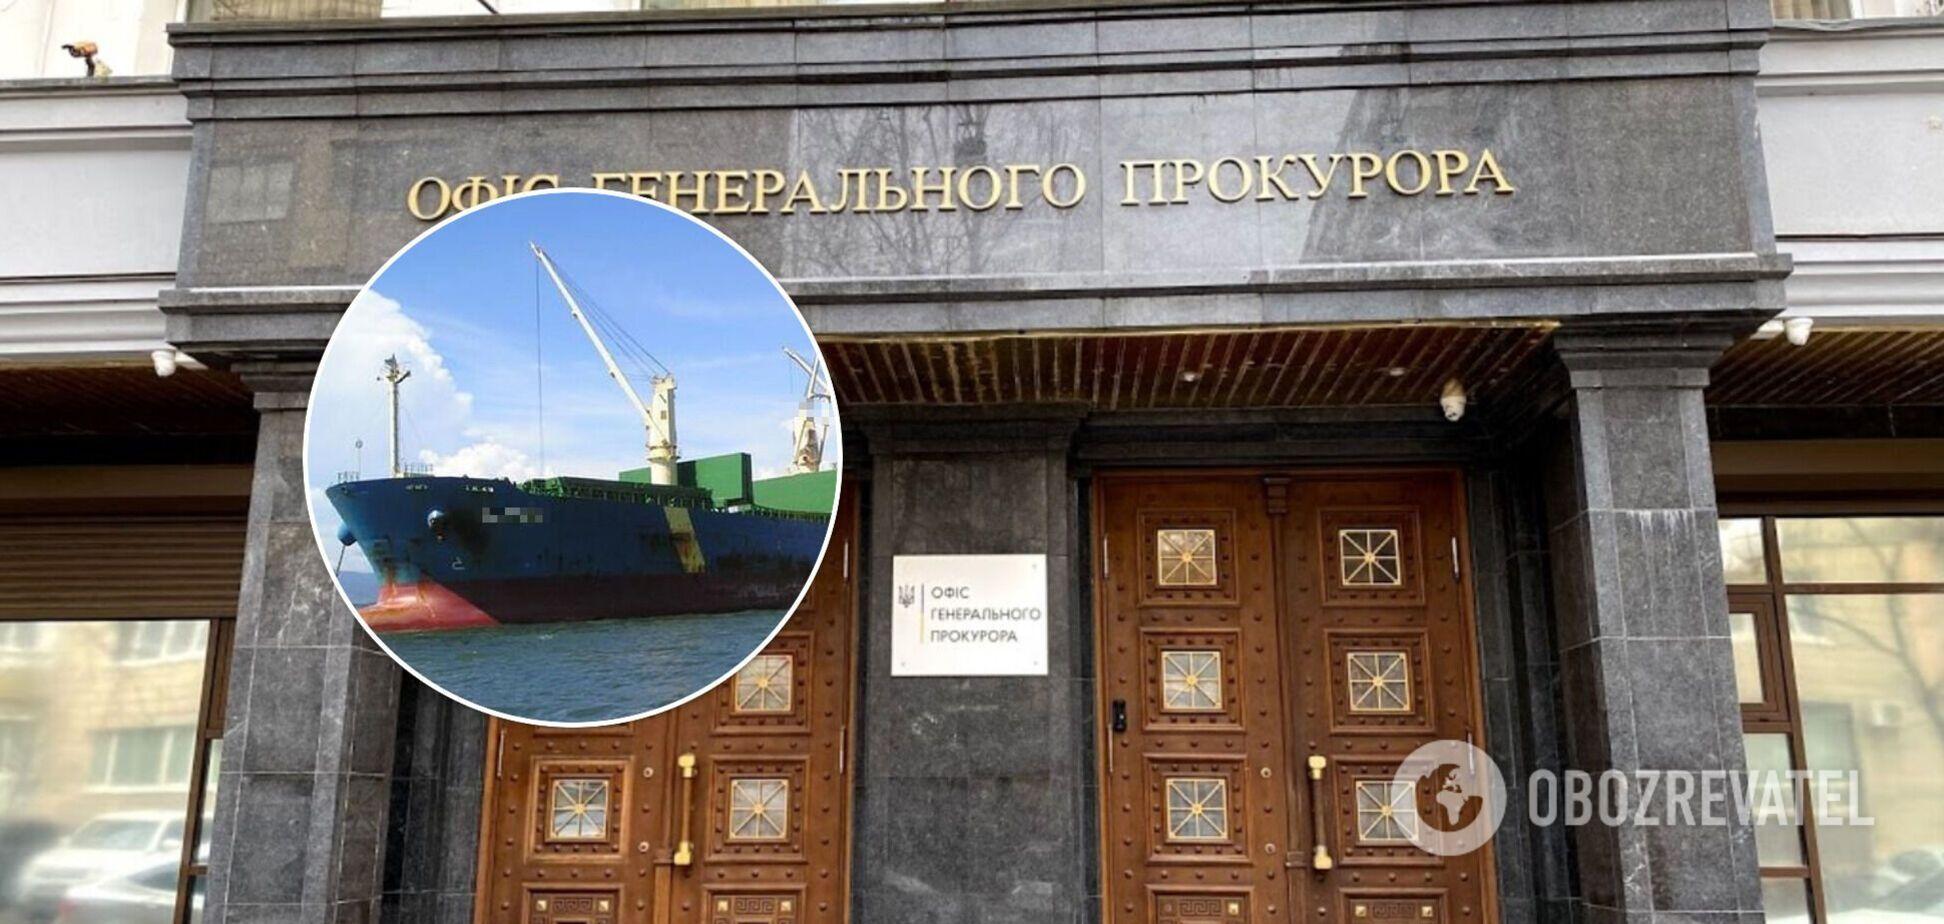 Захватывал суда и требовал выкуп: в Николаеве задержали первого украинского пирата. Фото